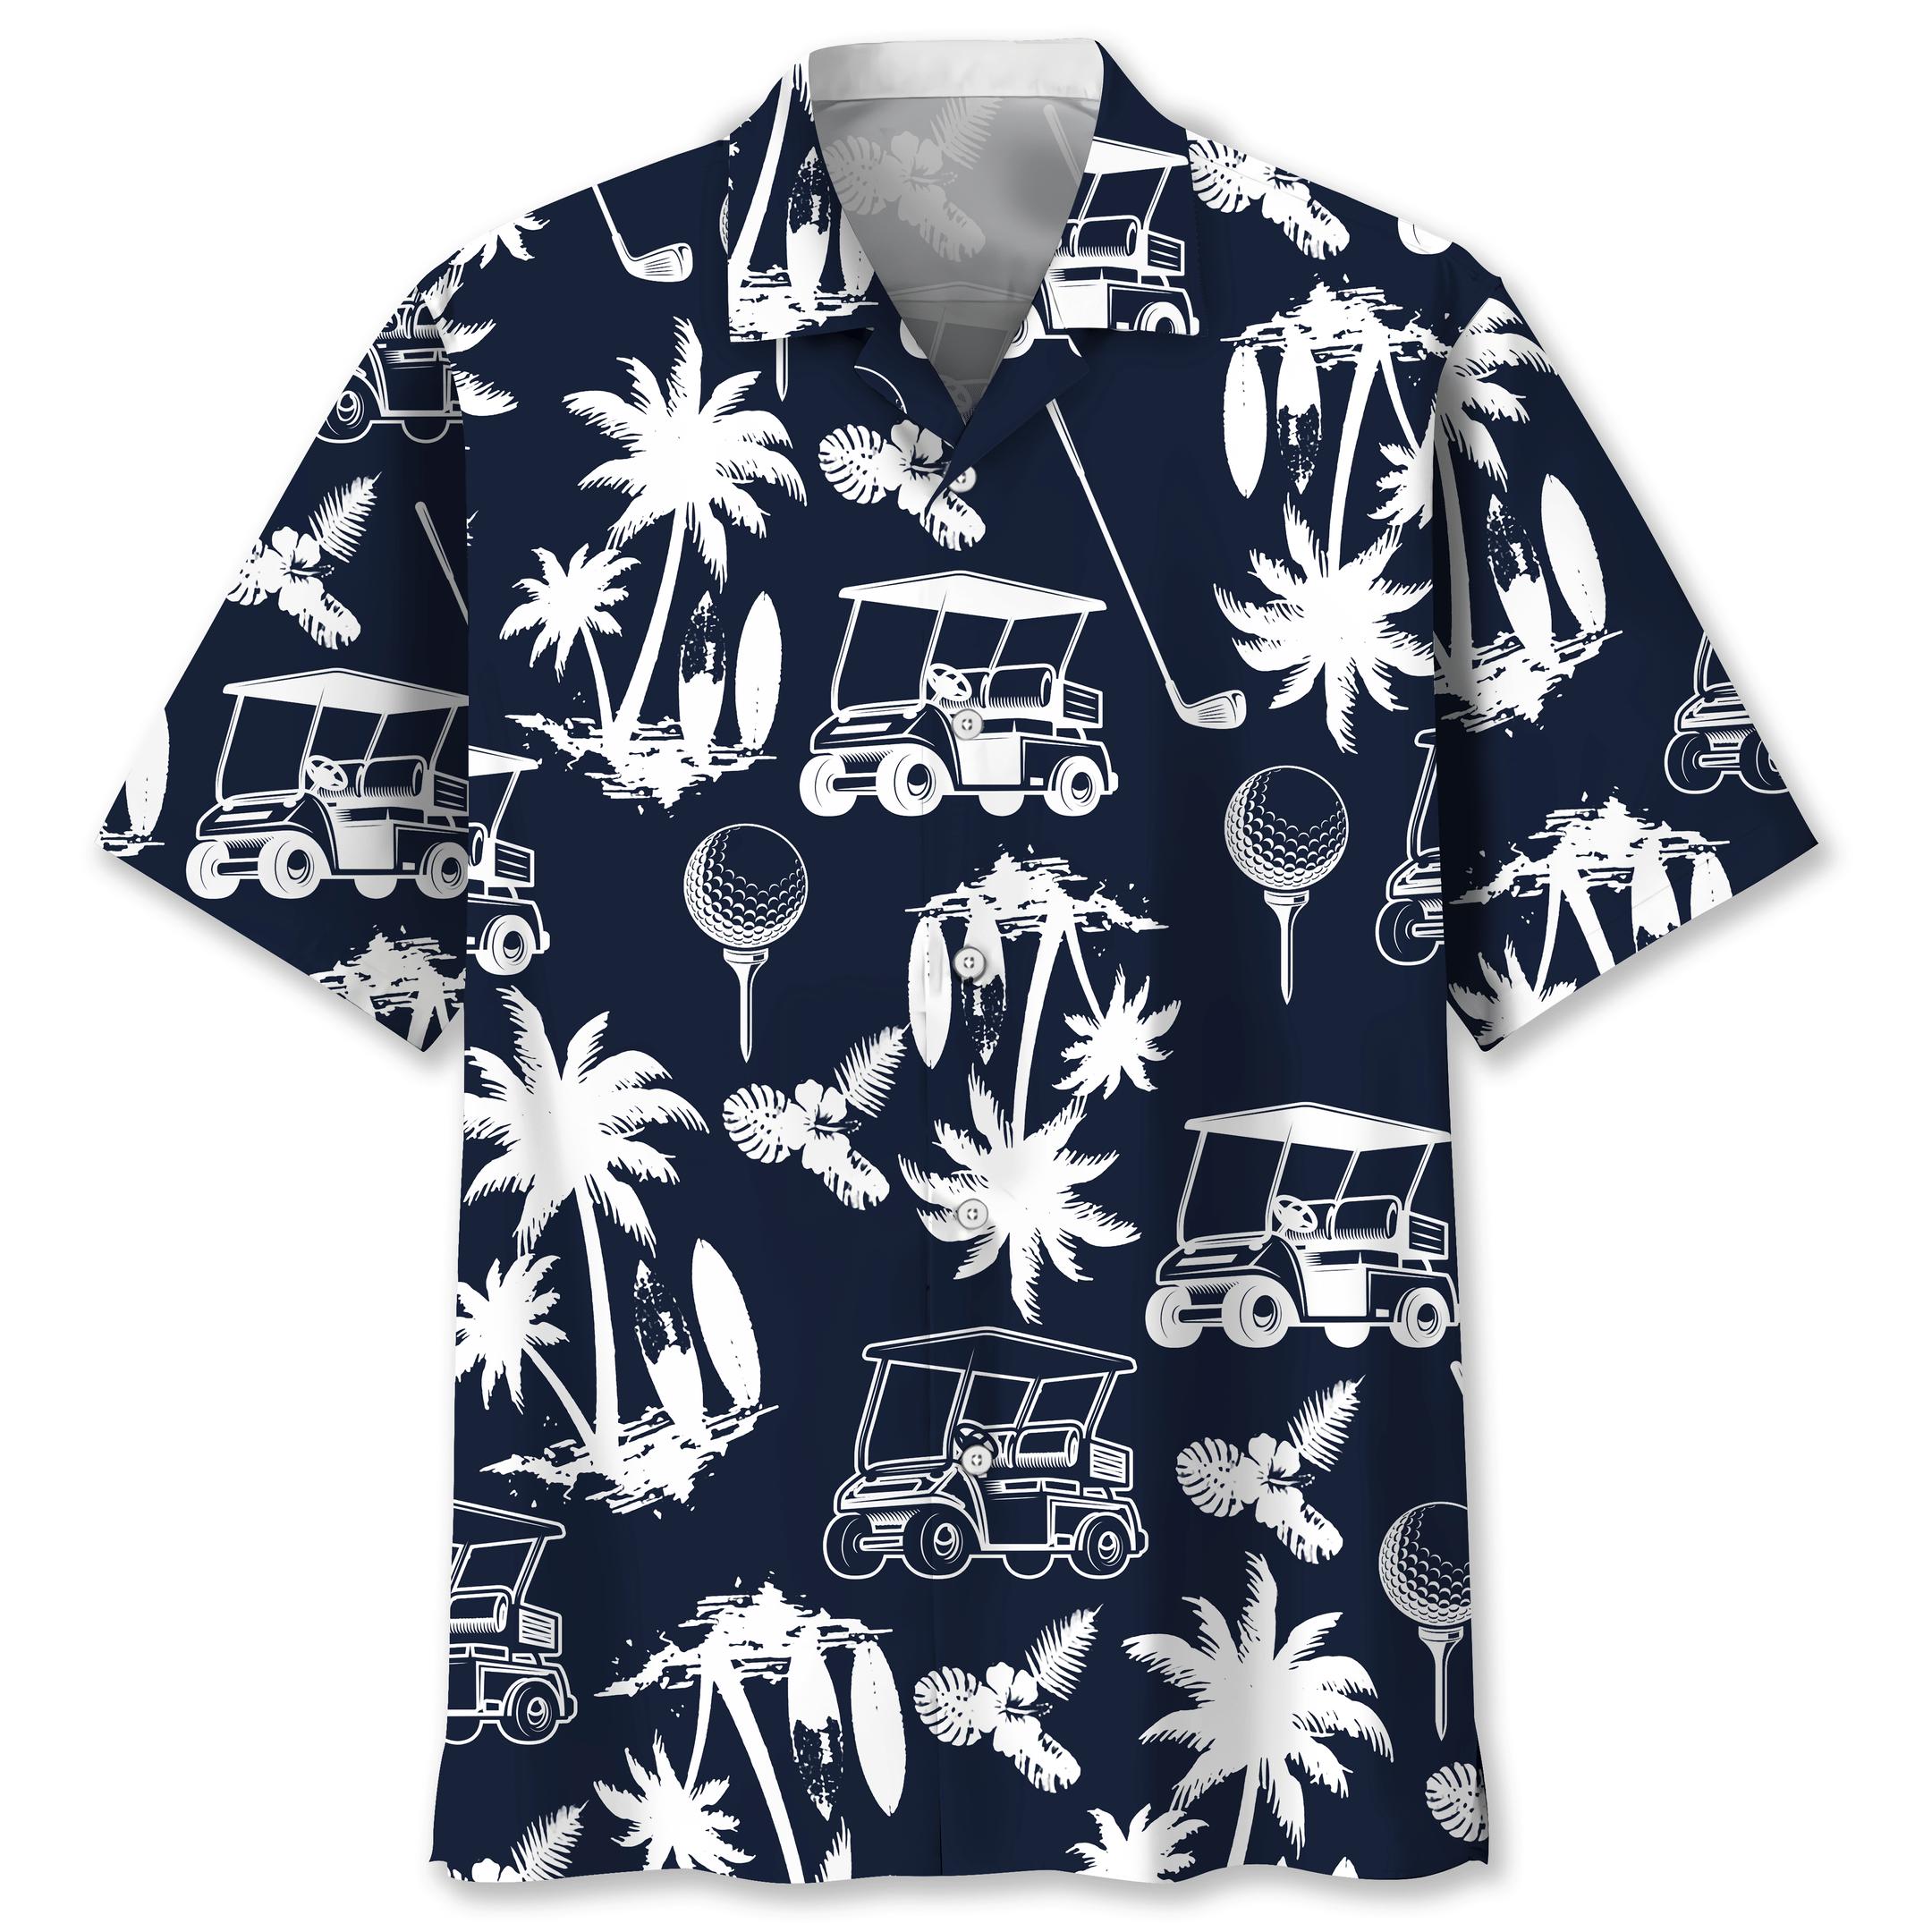 Golf Floral Coconut tree Hawaiian Shirt